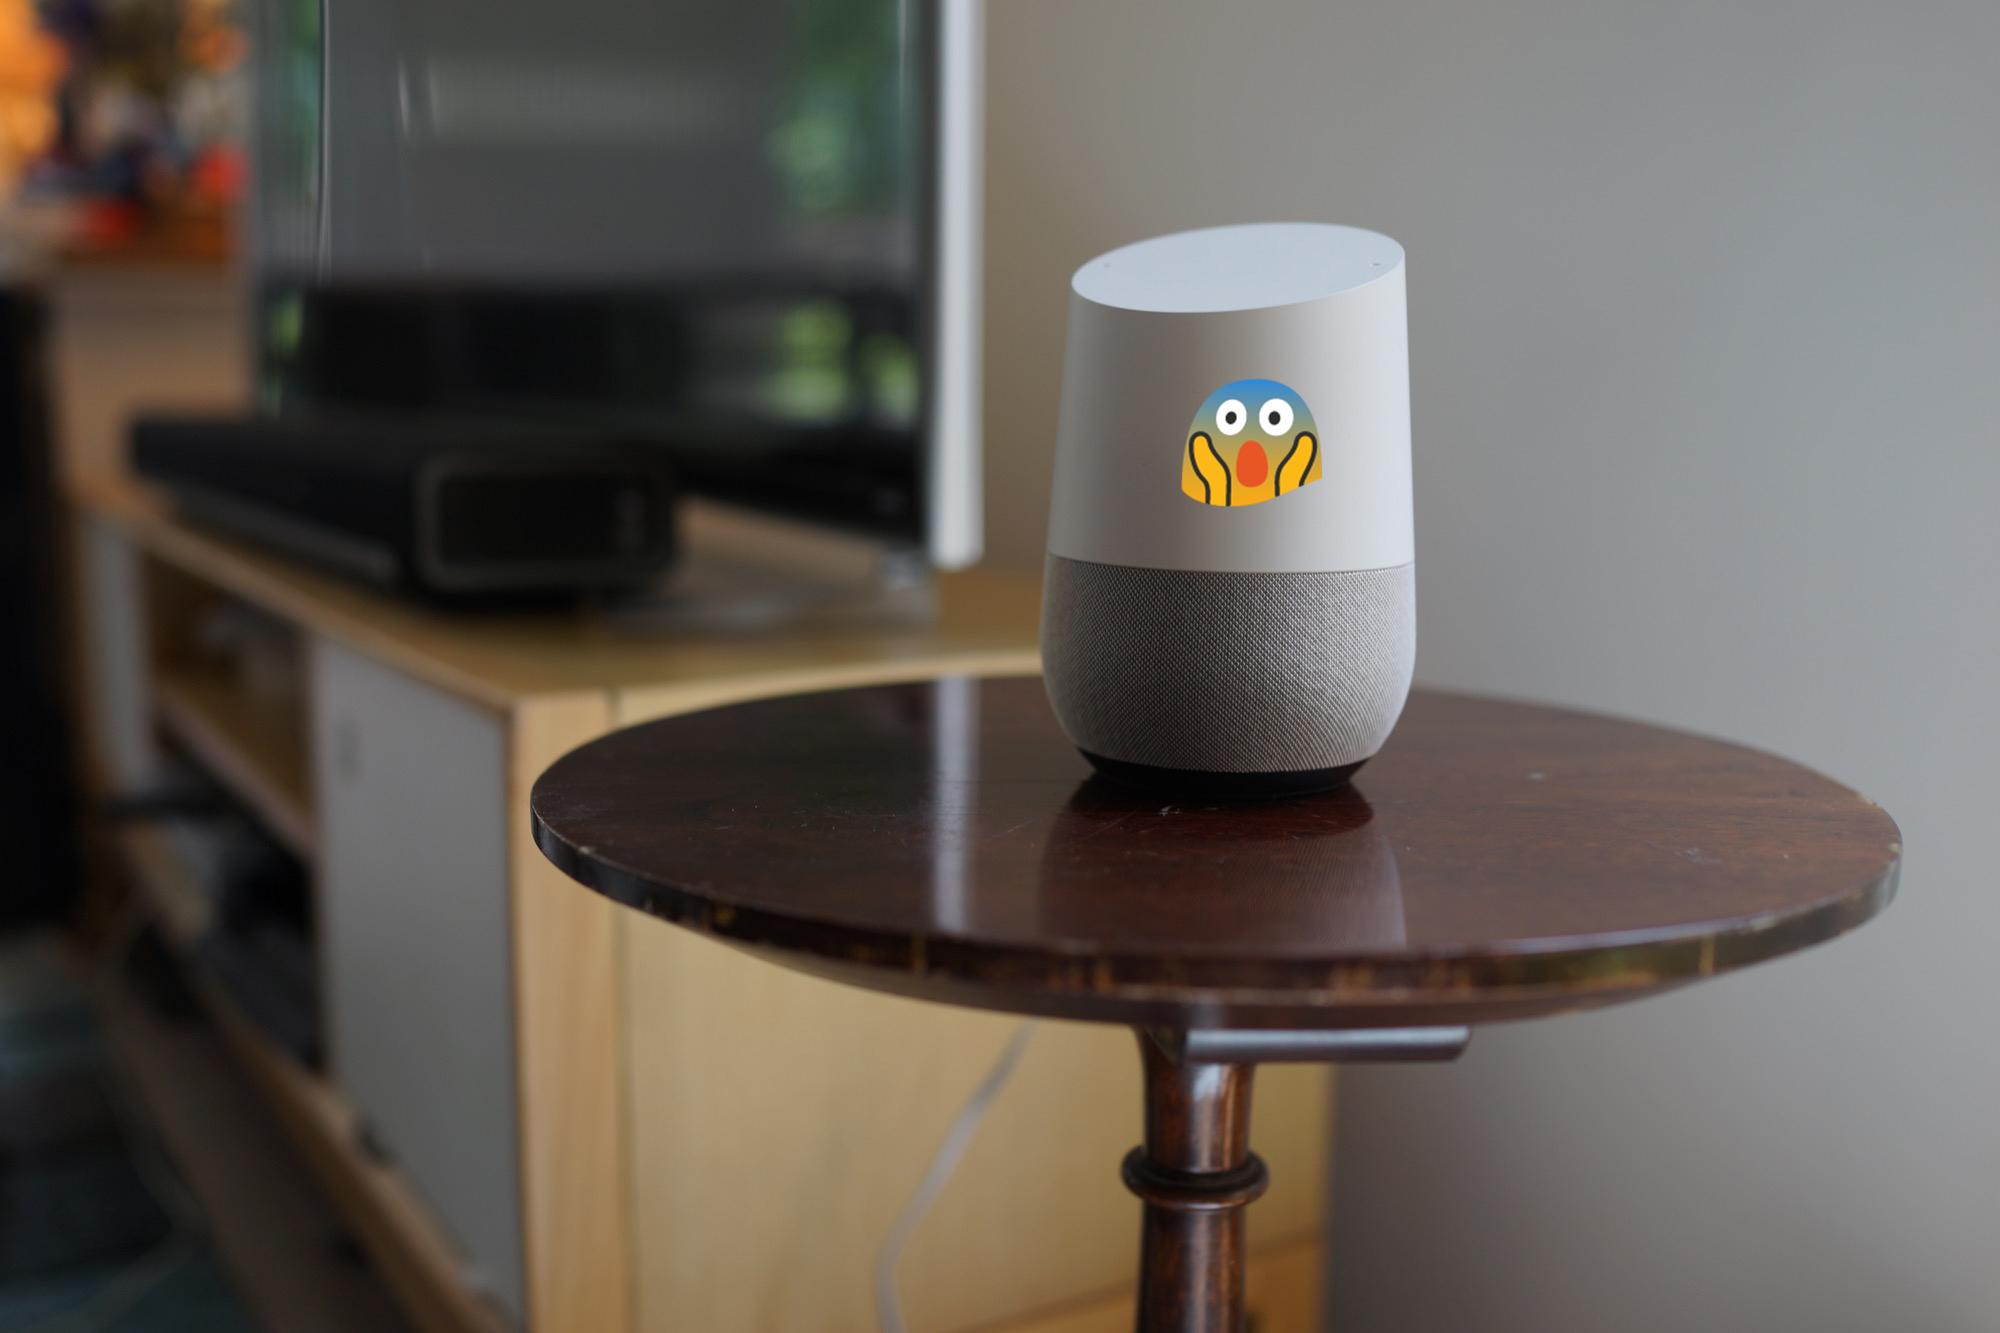 Google Home et Chromecast : une faille divulgue votre géolocalisation, un correctif arrive bientôt